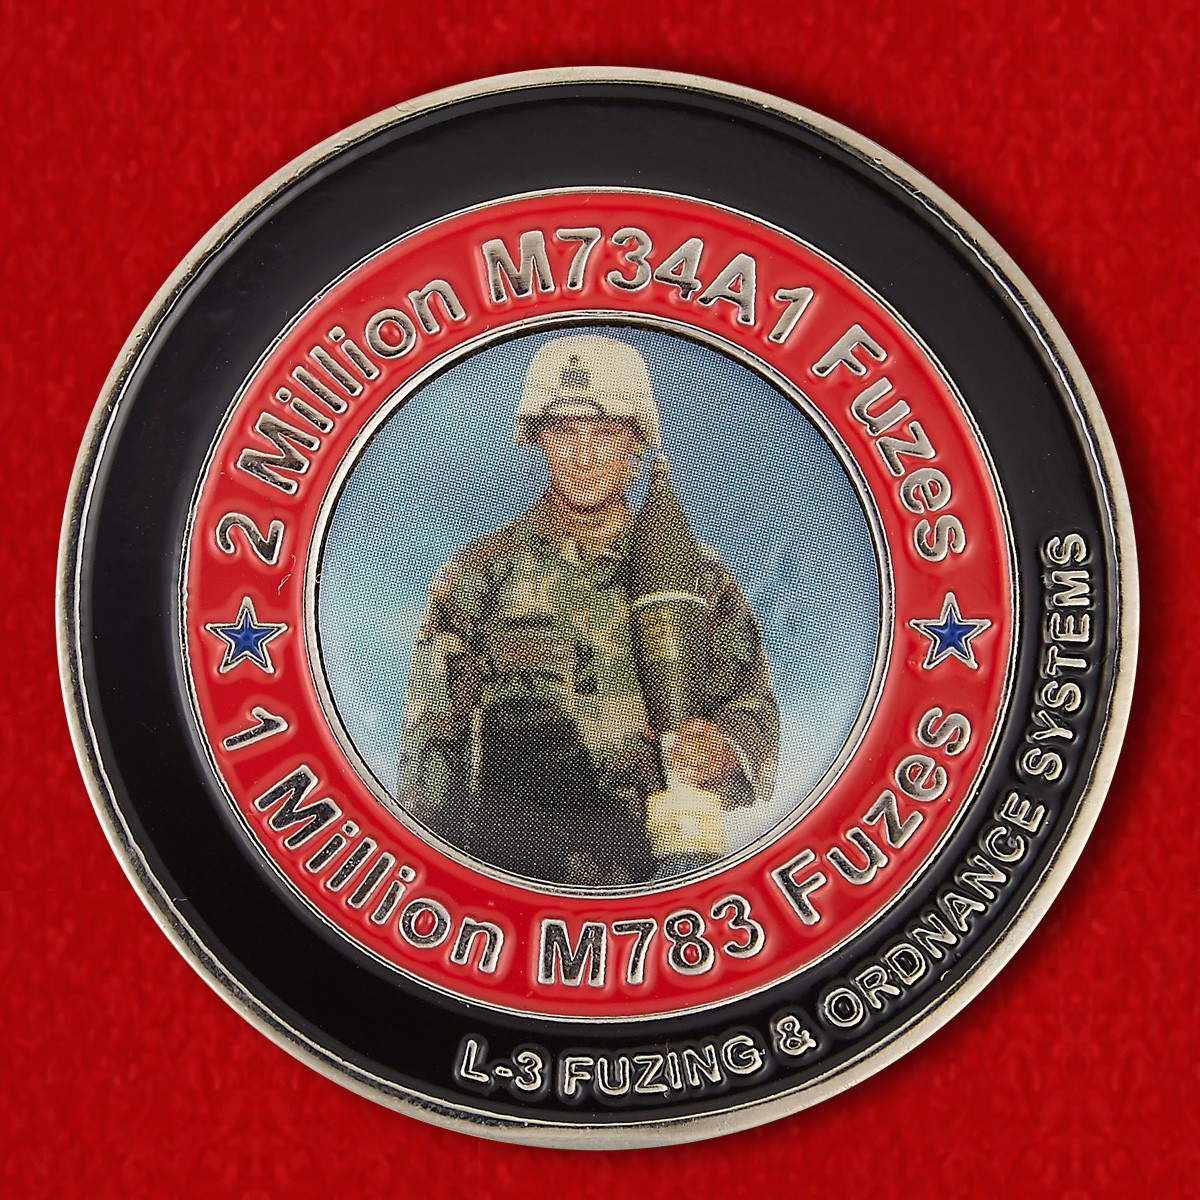 Челлендж коин группы специалистов по обезвреживанию минометных взрывателей Корпуса морской пехоты США - аверс